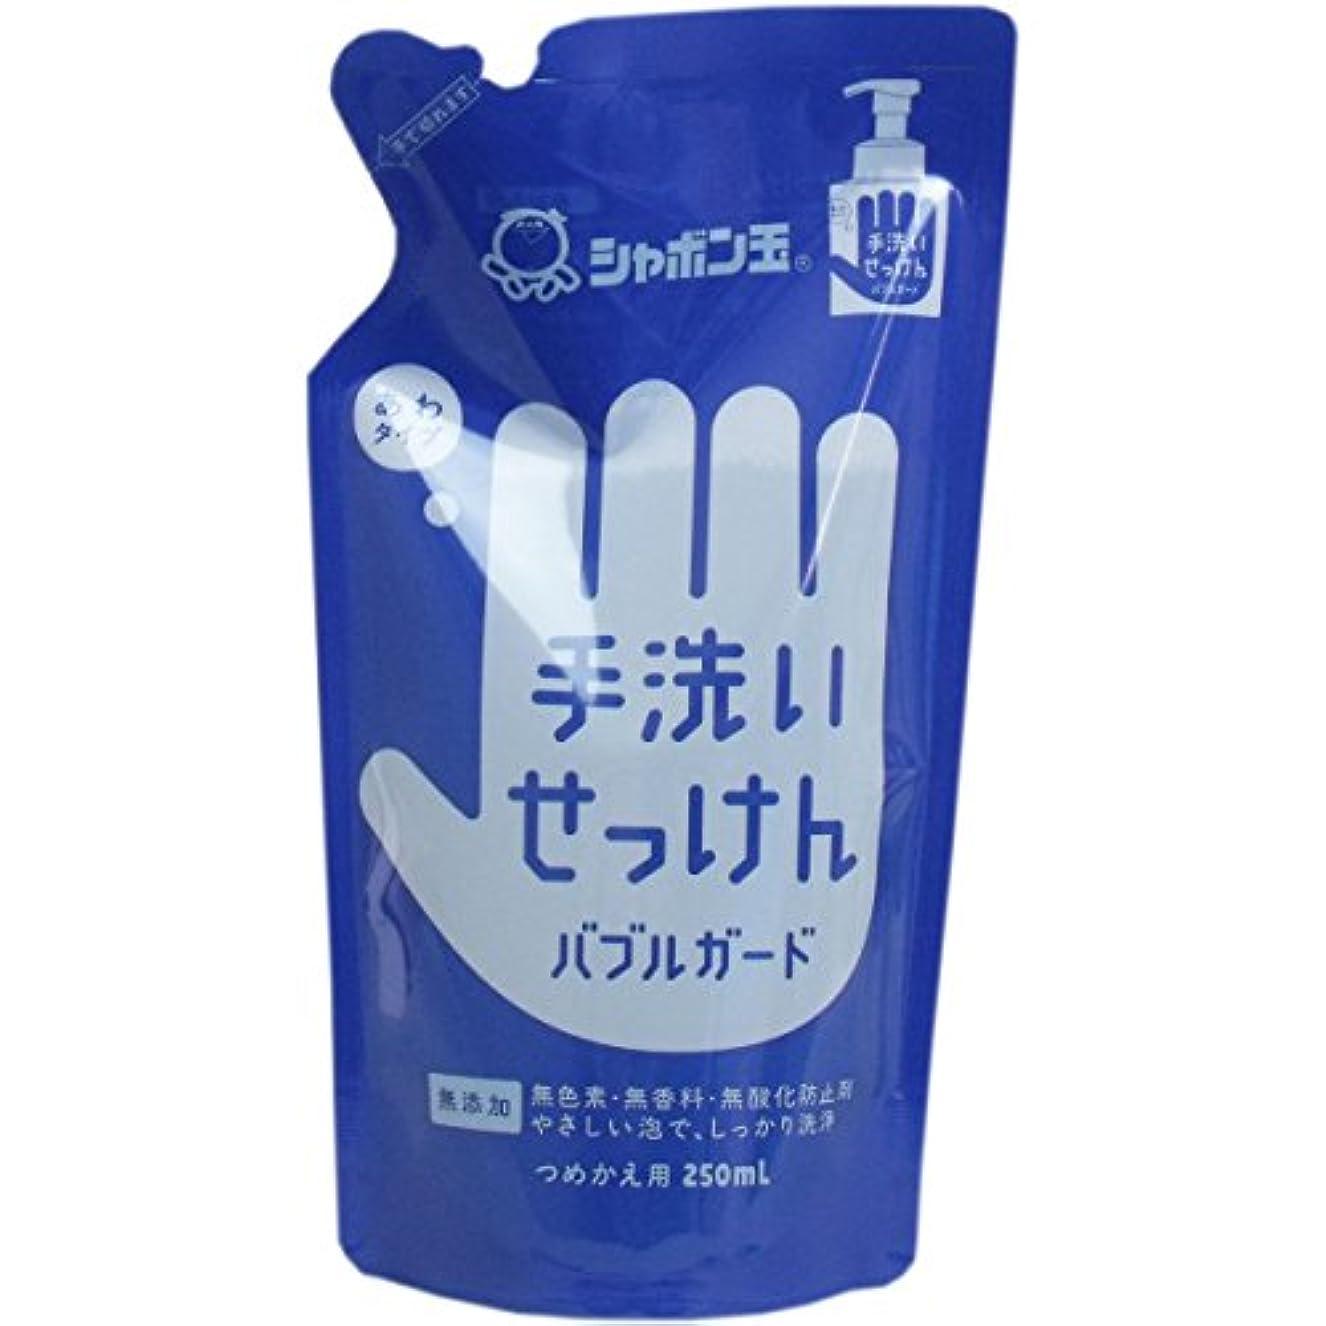 変換蚊うそつきシャボン玉石けん 手洗いせっけん バブルガード 詰め替え用 250ml 【12個セット】